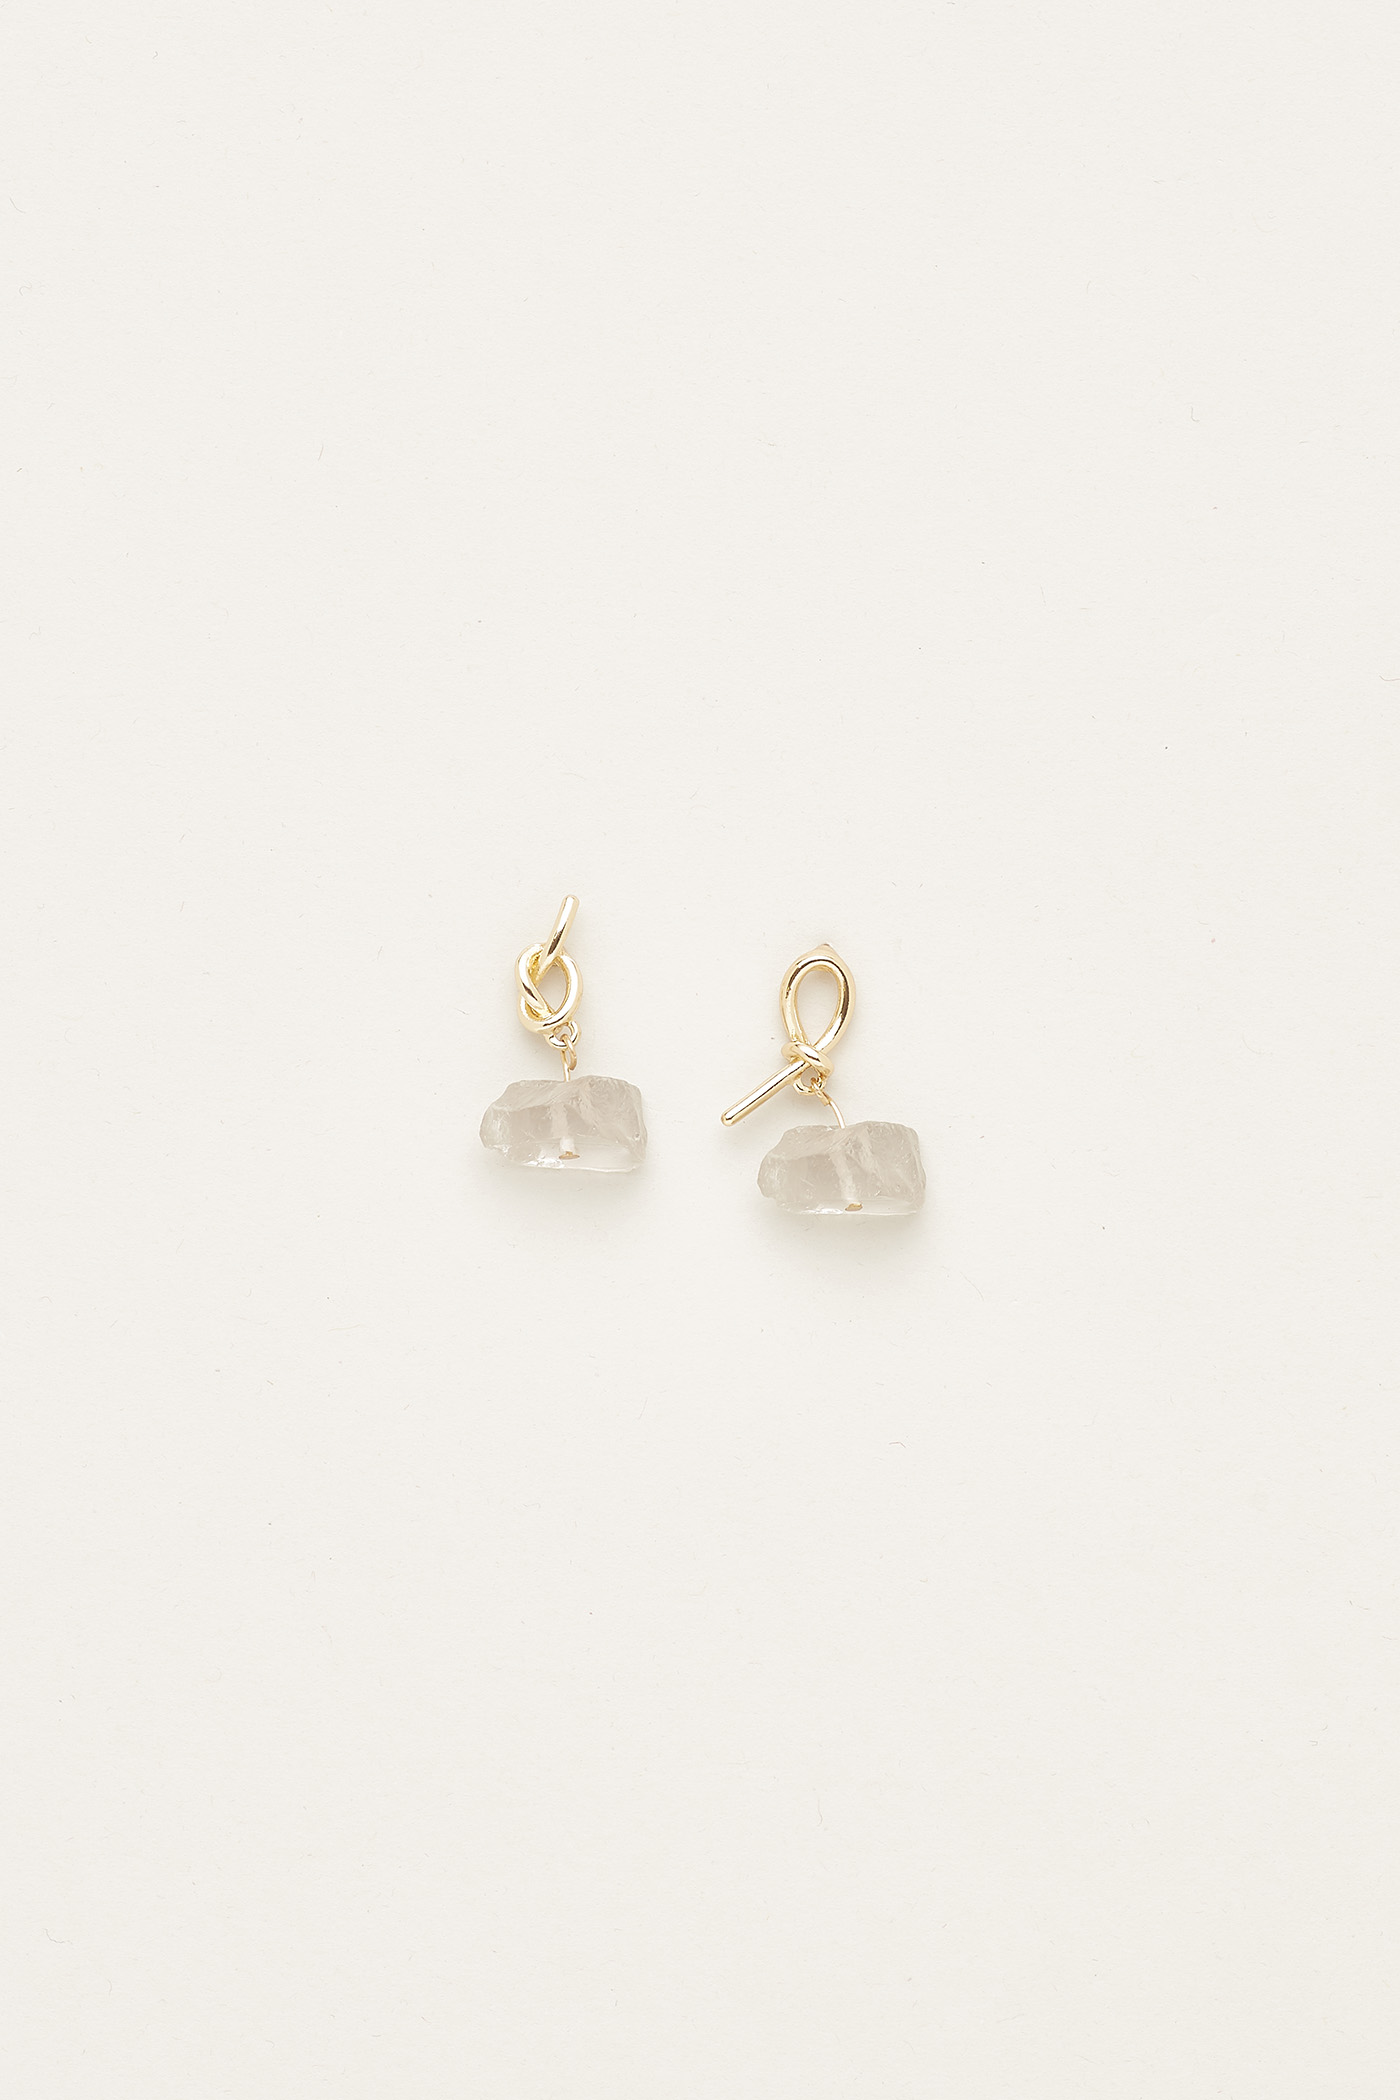 Rebekah Resin Drop Earrings